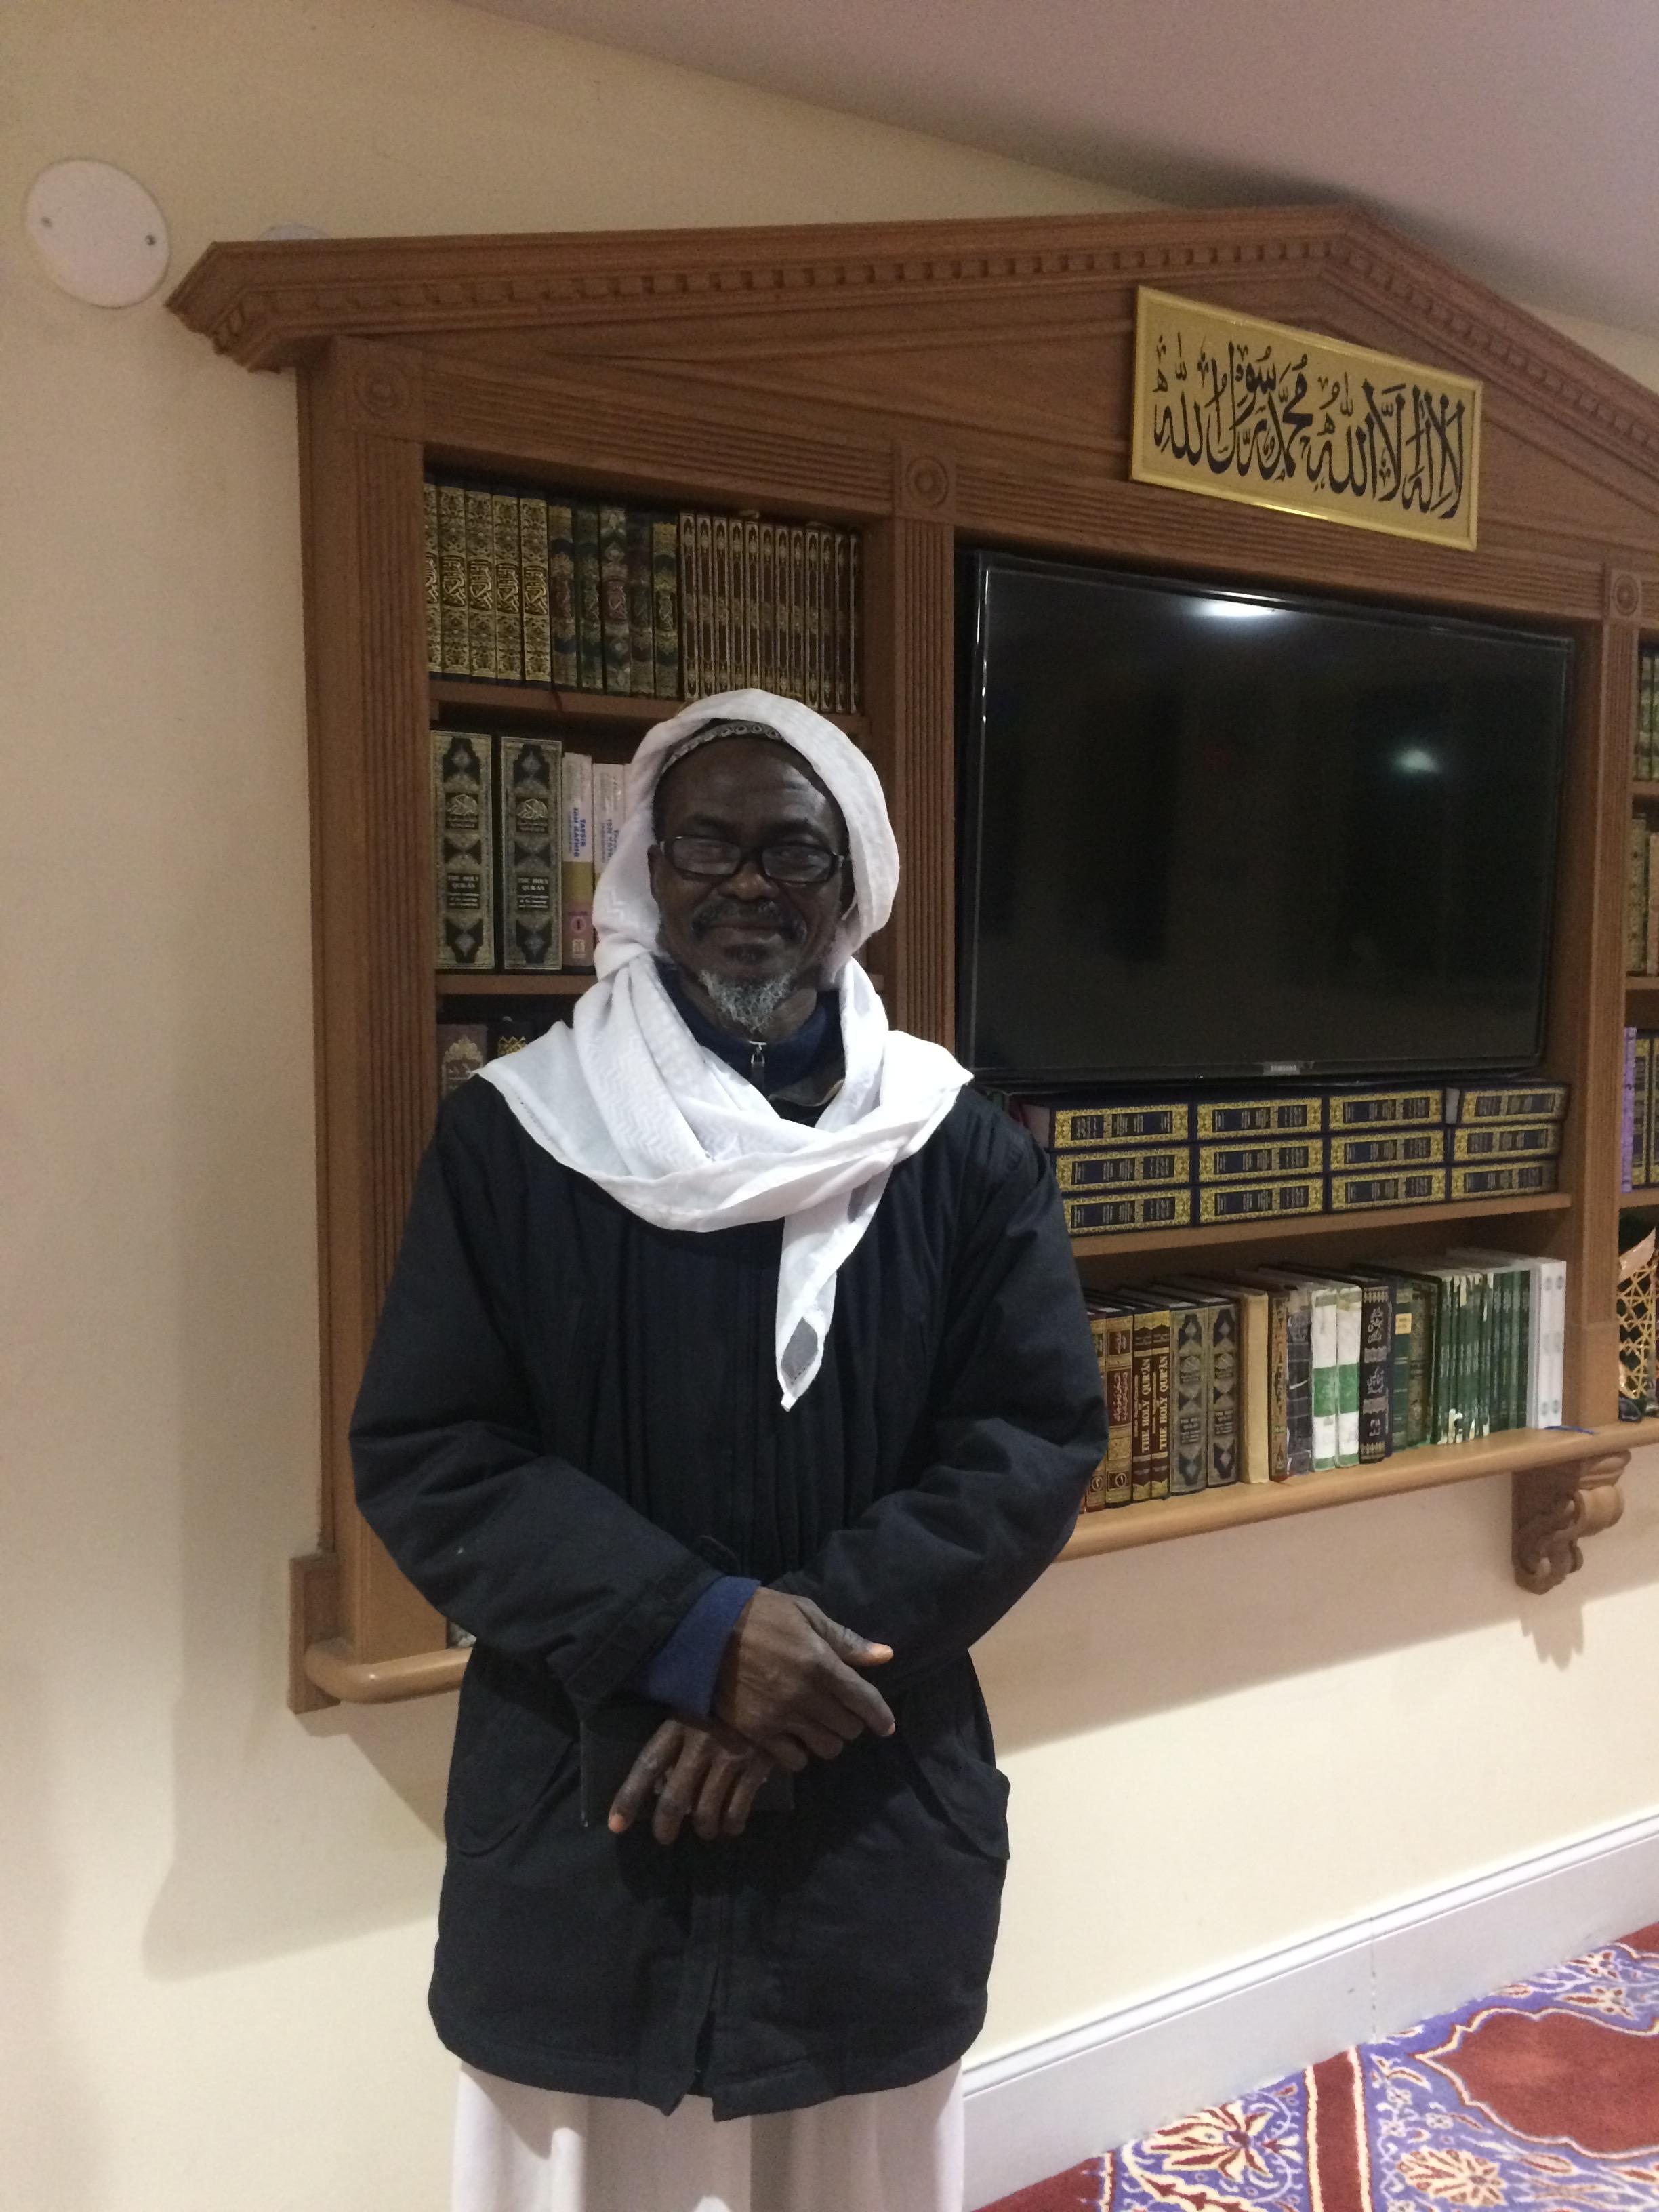 أحمد نذير - الخطيب والإمام في مسجد ICNA